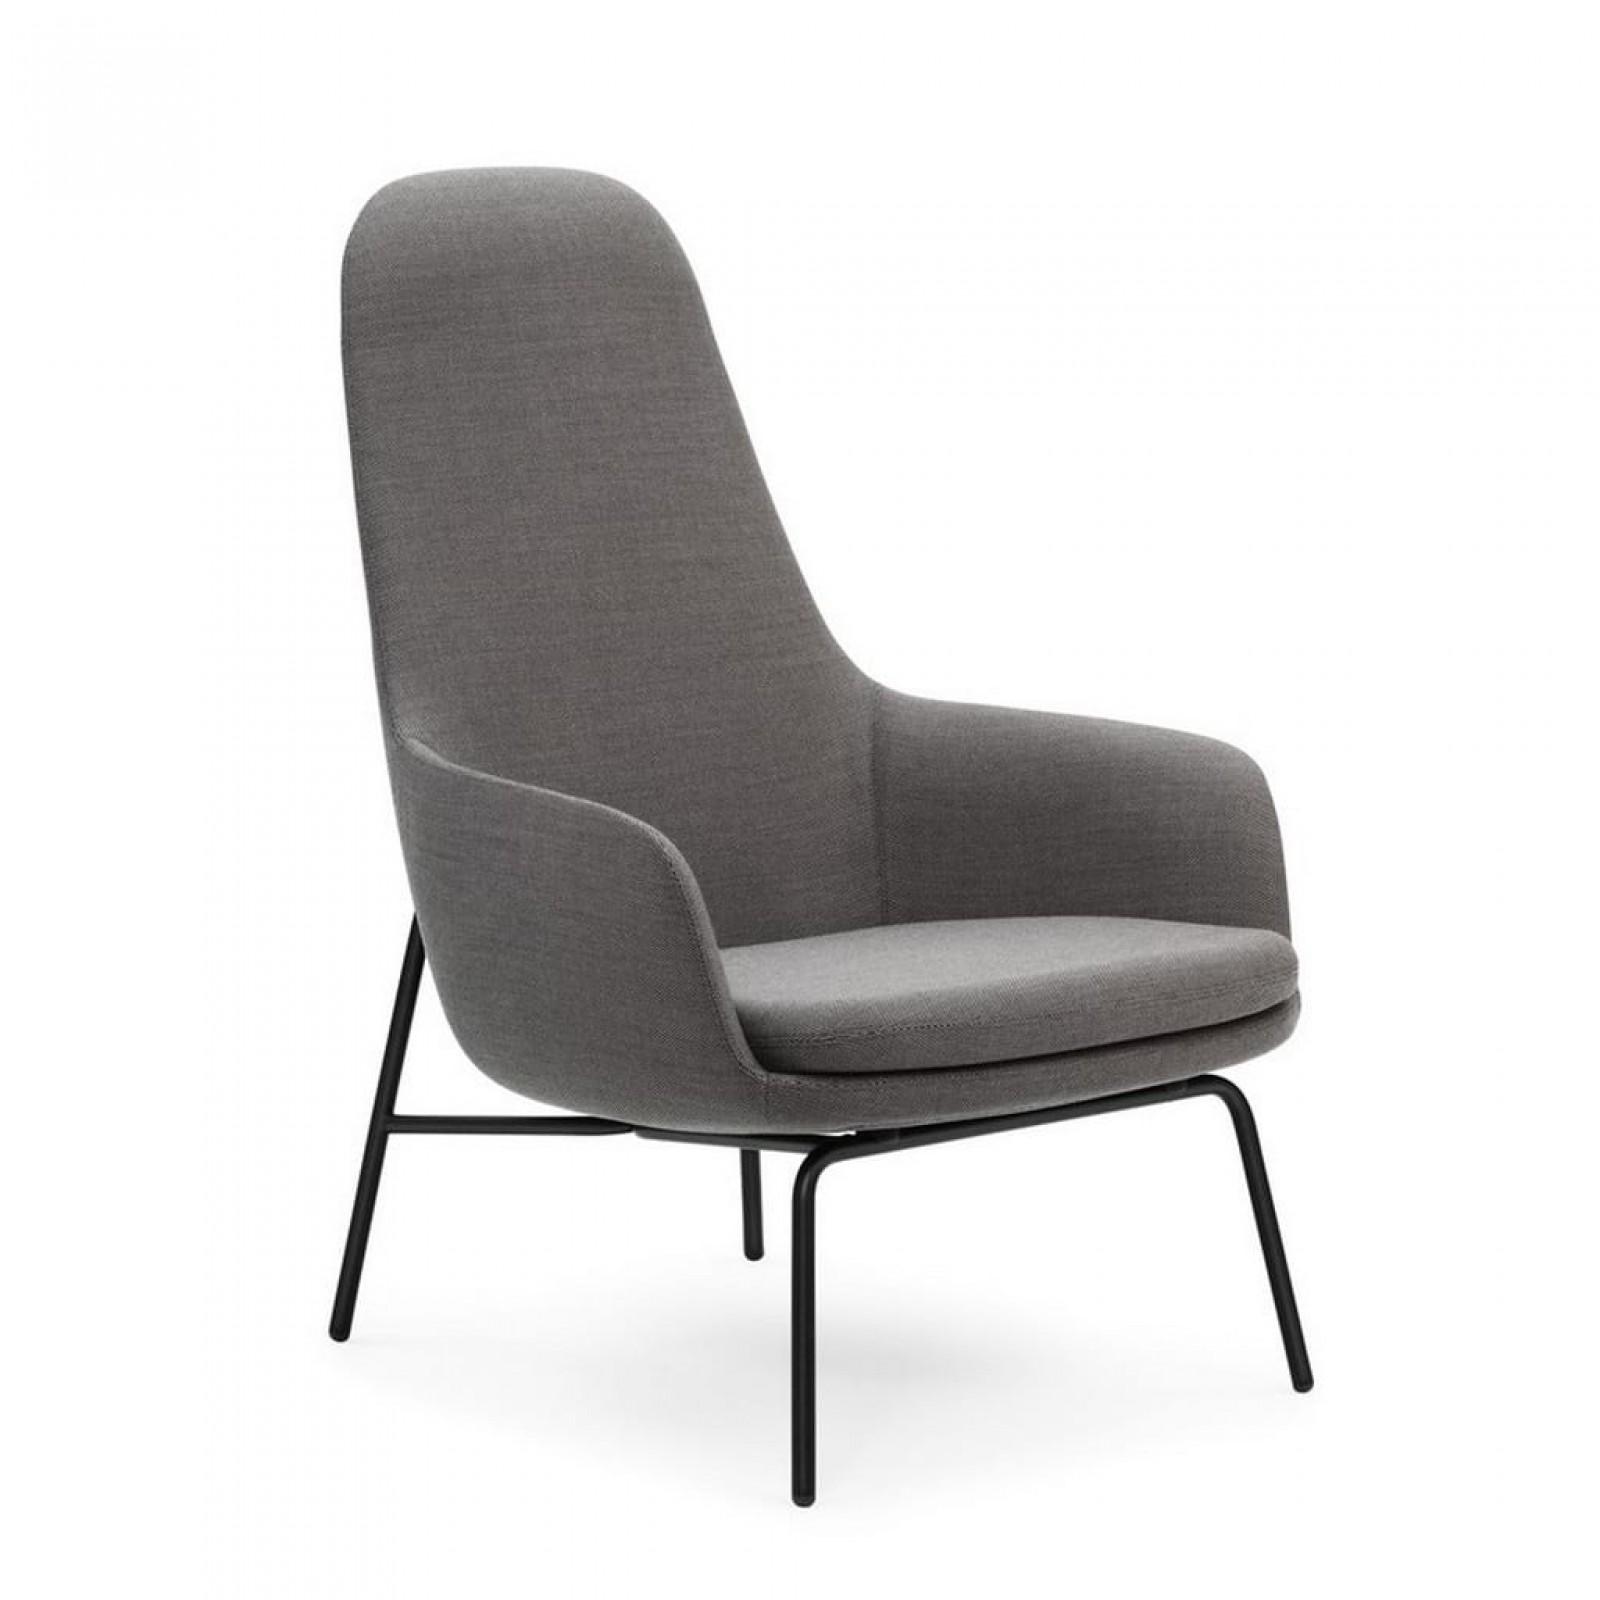 Era Lounge Chair High (Metal) - Normann Copenhagen